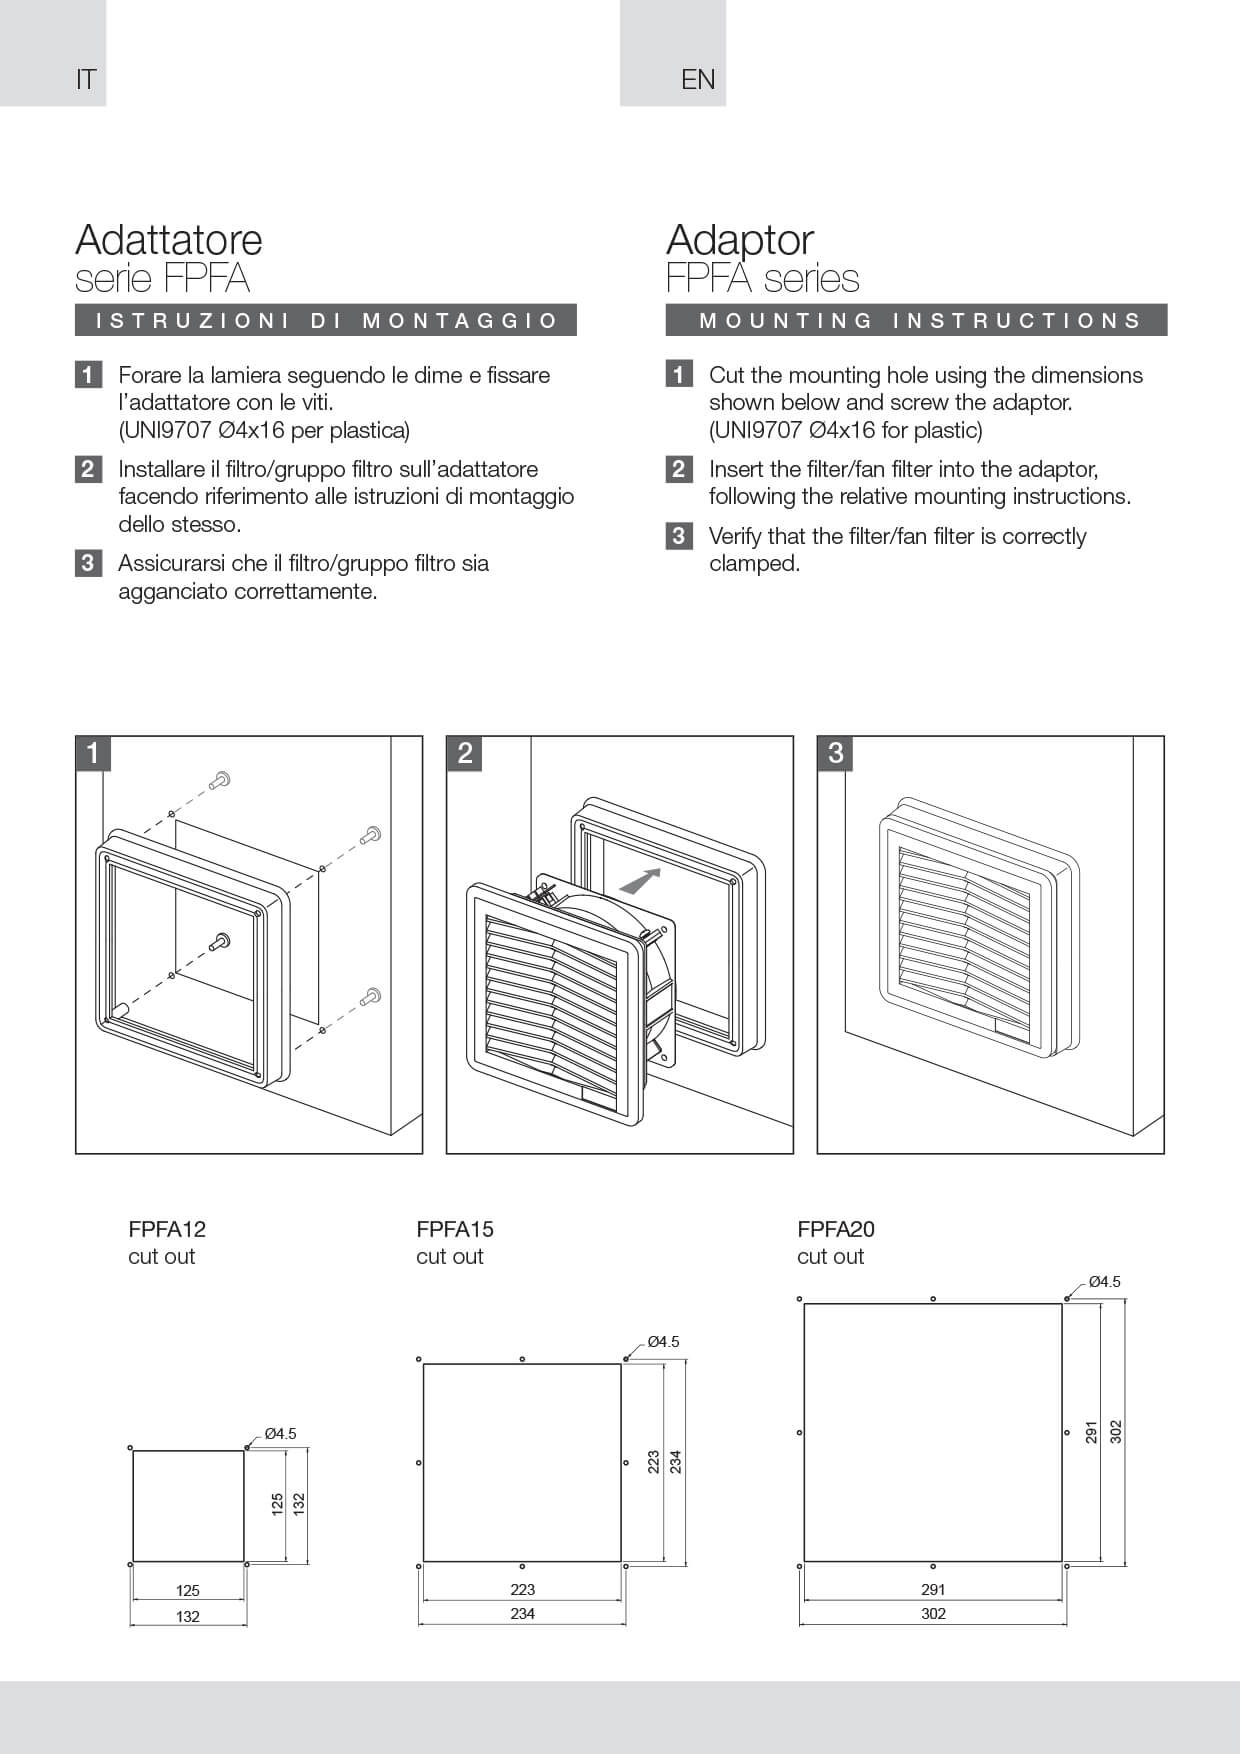 Filter fans adapter FPFA instructions